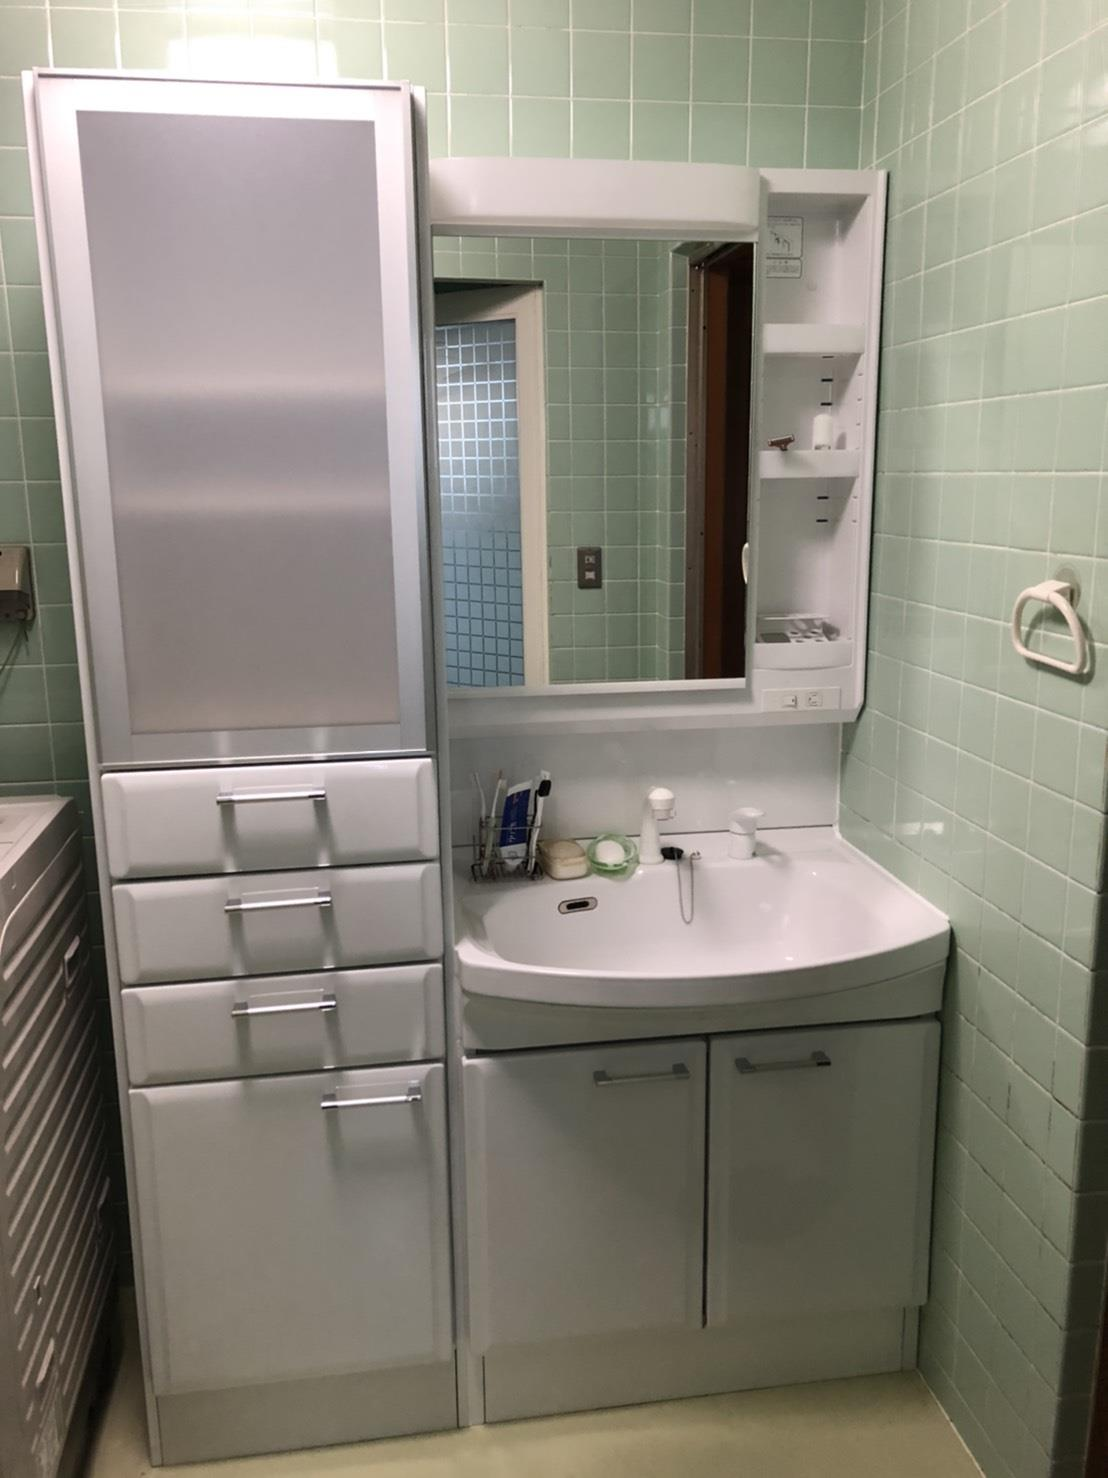 洗面化粧台取替え(リフォーム施工事例)を公開しました。 | 沖縄や那覇でリフォームするなら【株式会社 あうん工房】